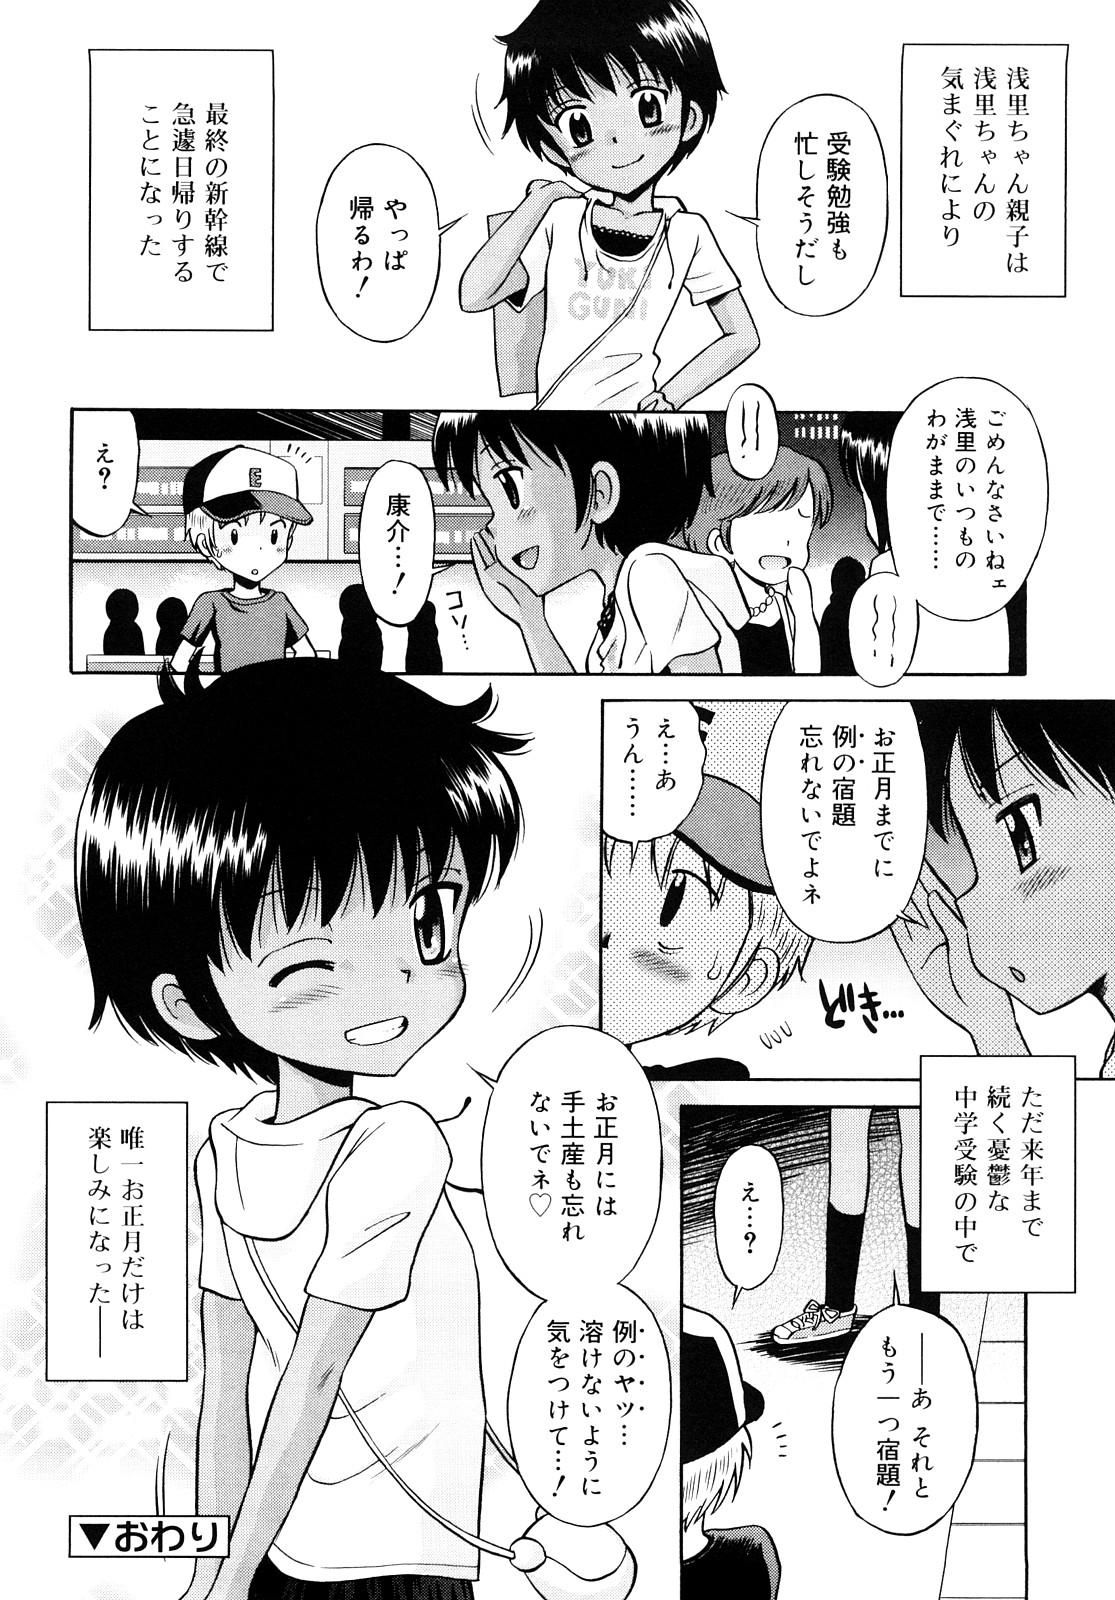 Komugiiro Rhapsody 44